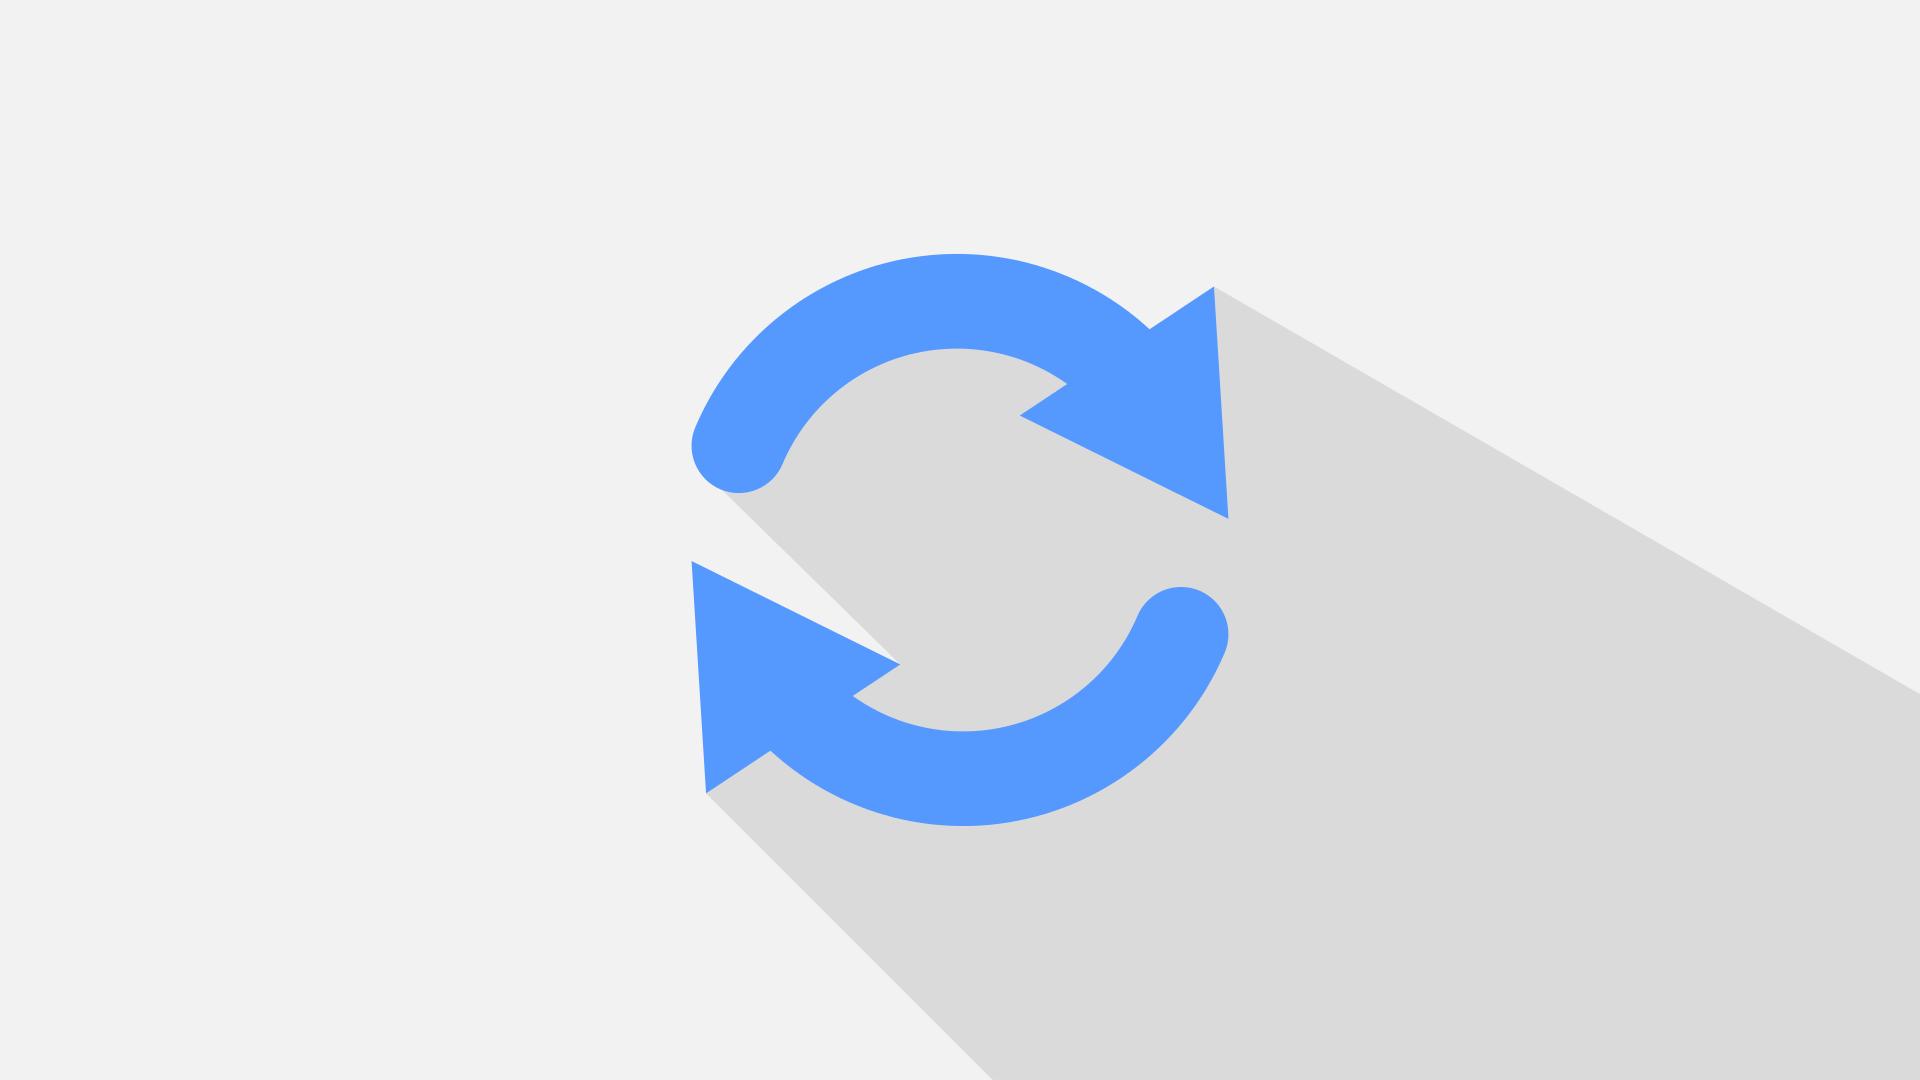 Sincronizar repositorios en un sistemas de control de versiones